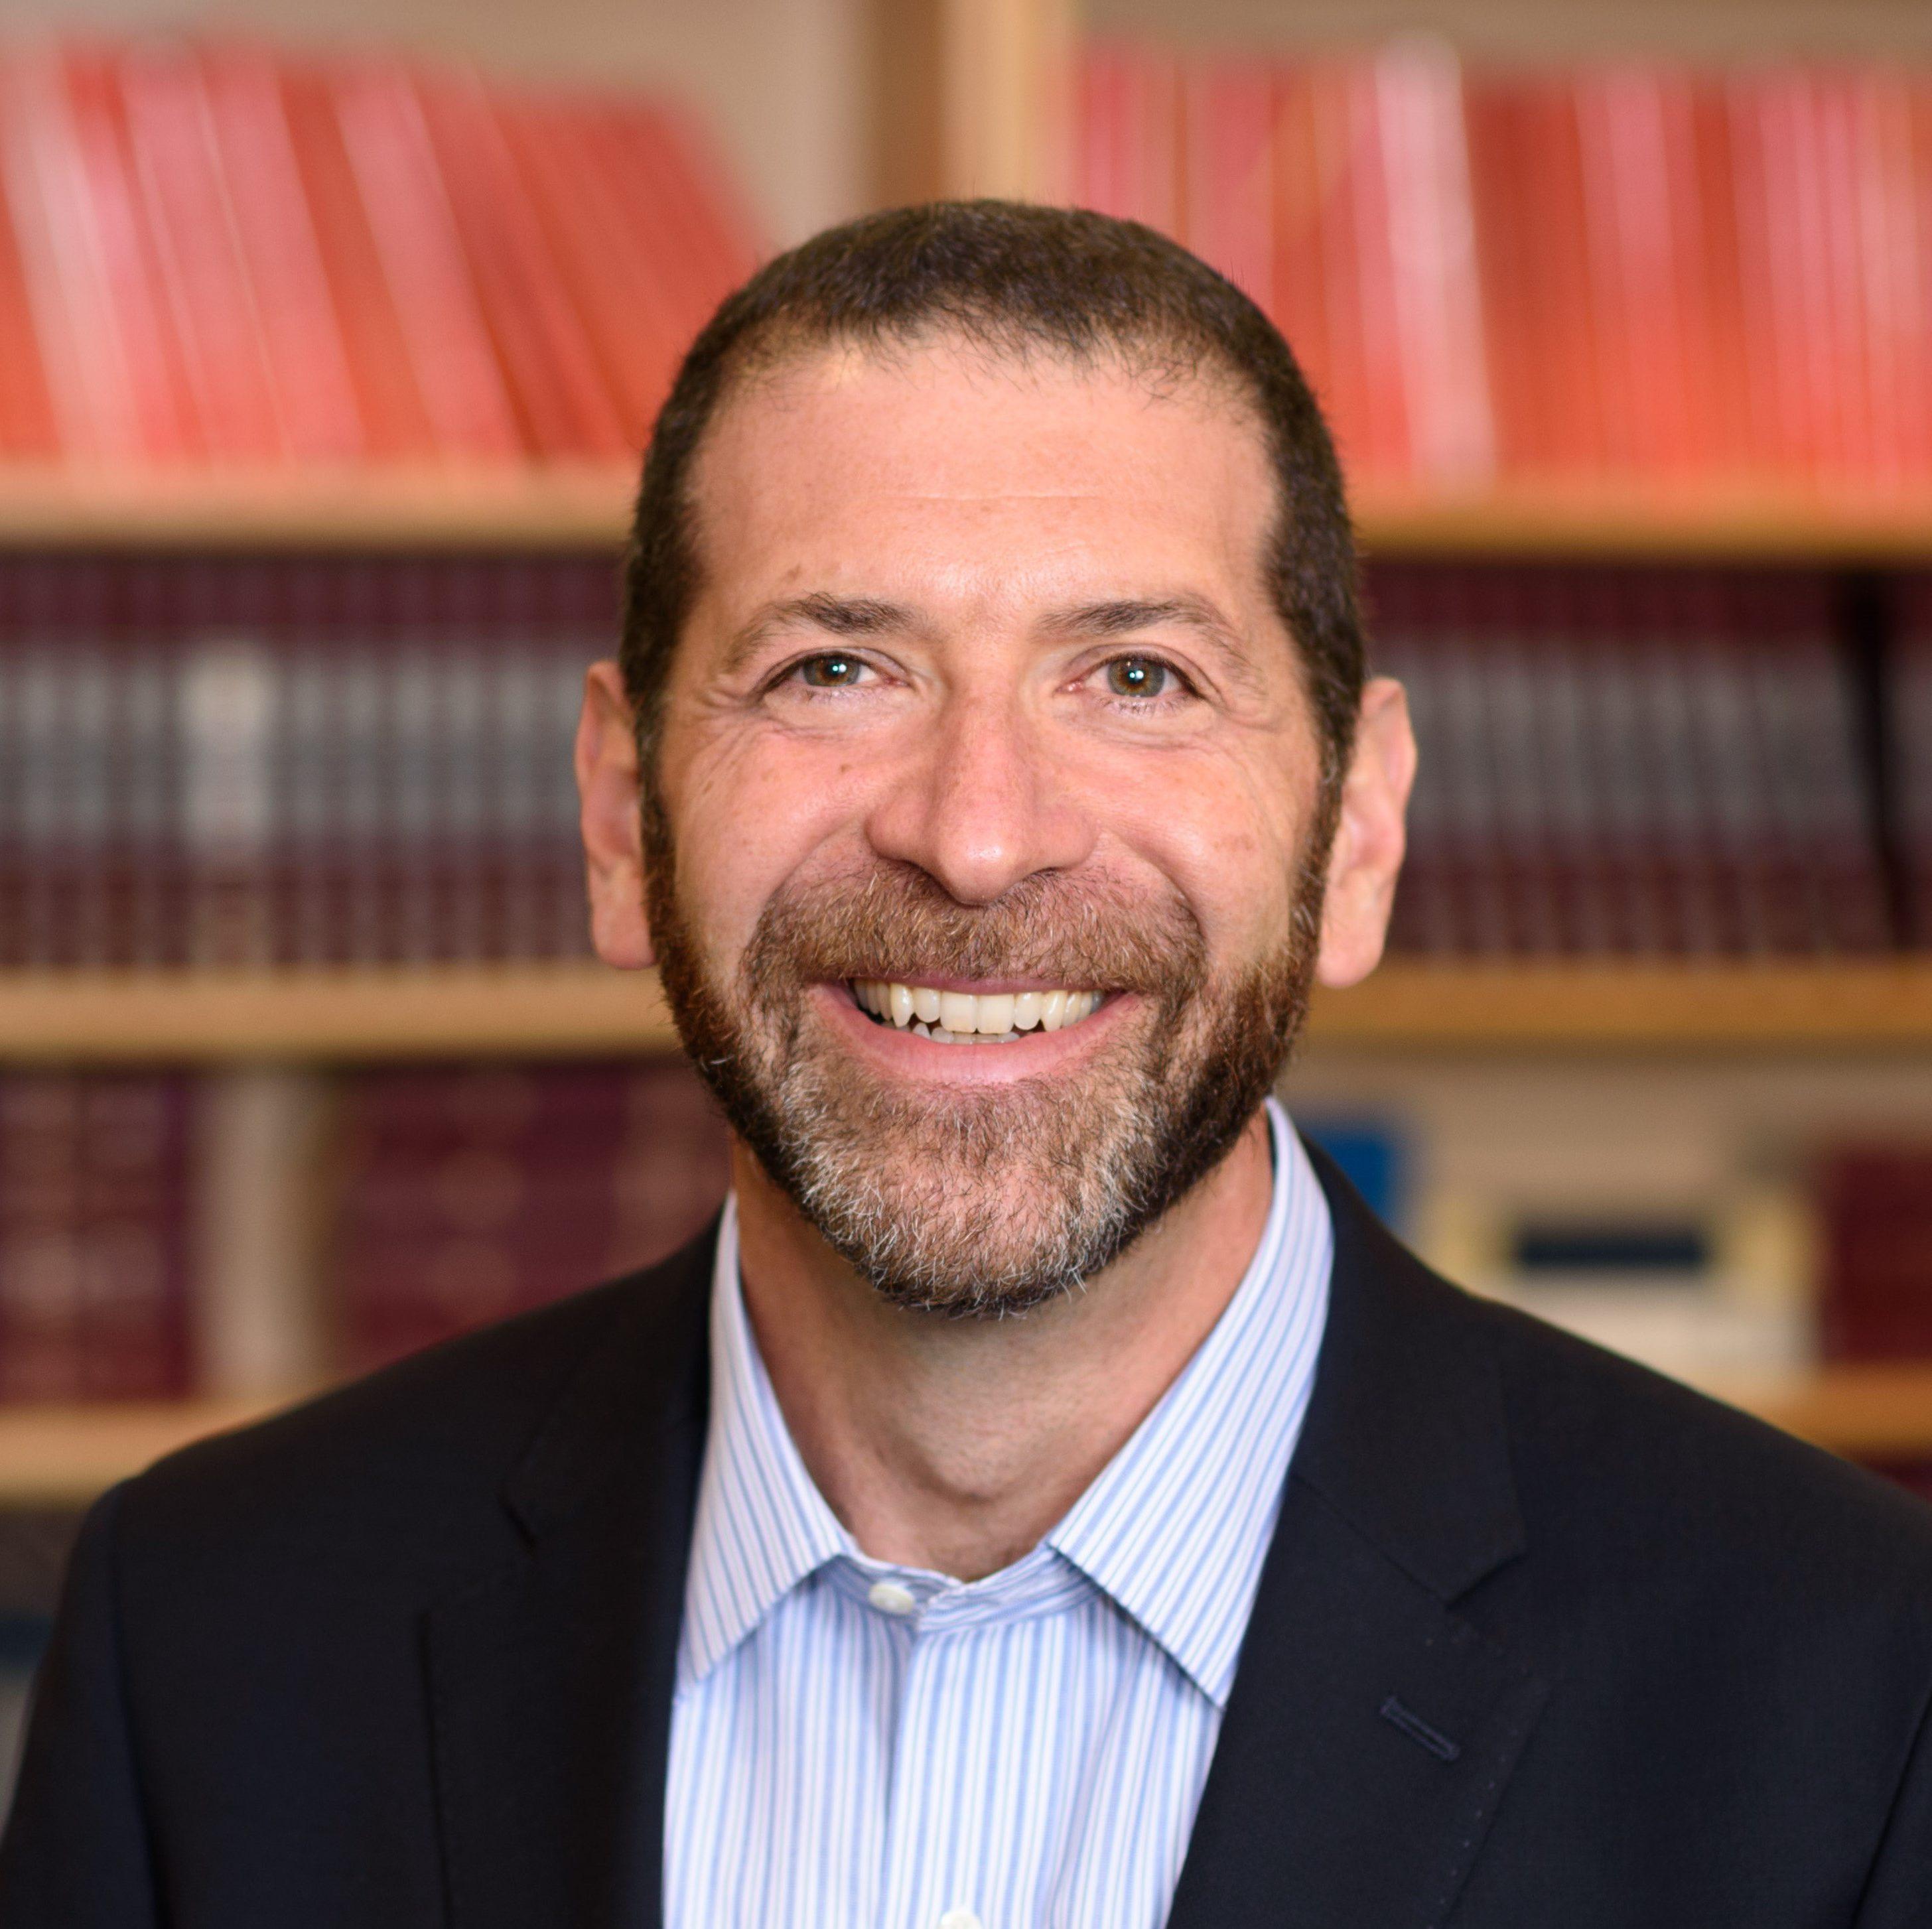 Cantor Matt Axelrod